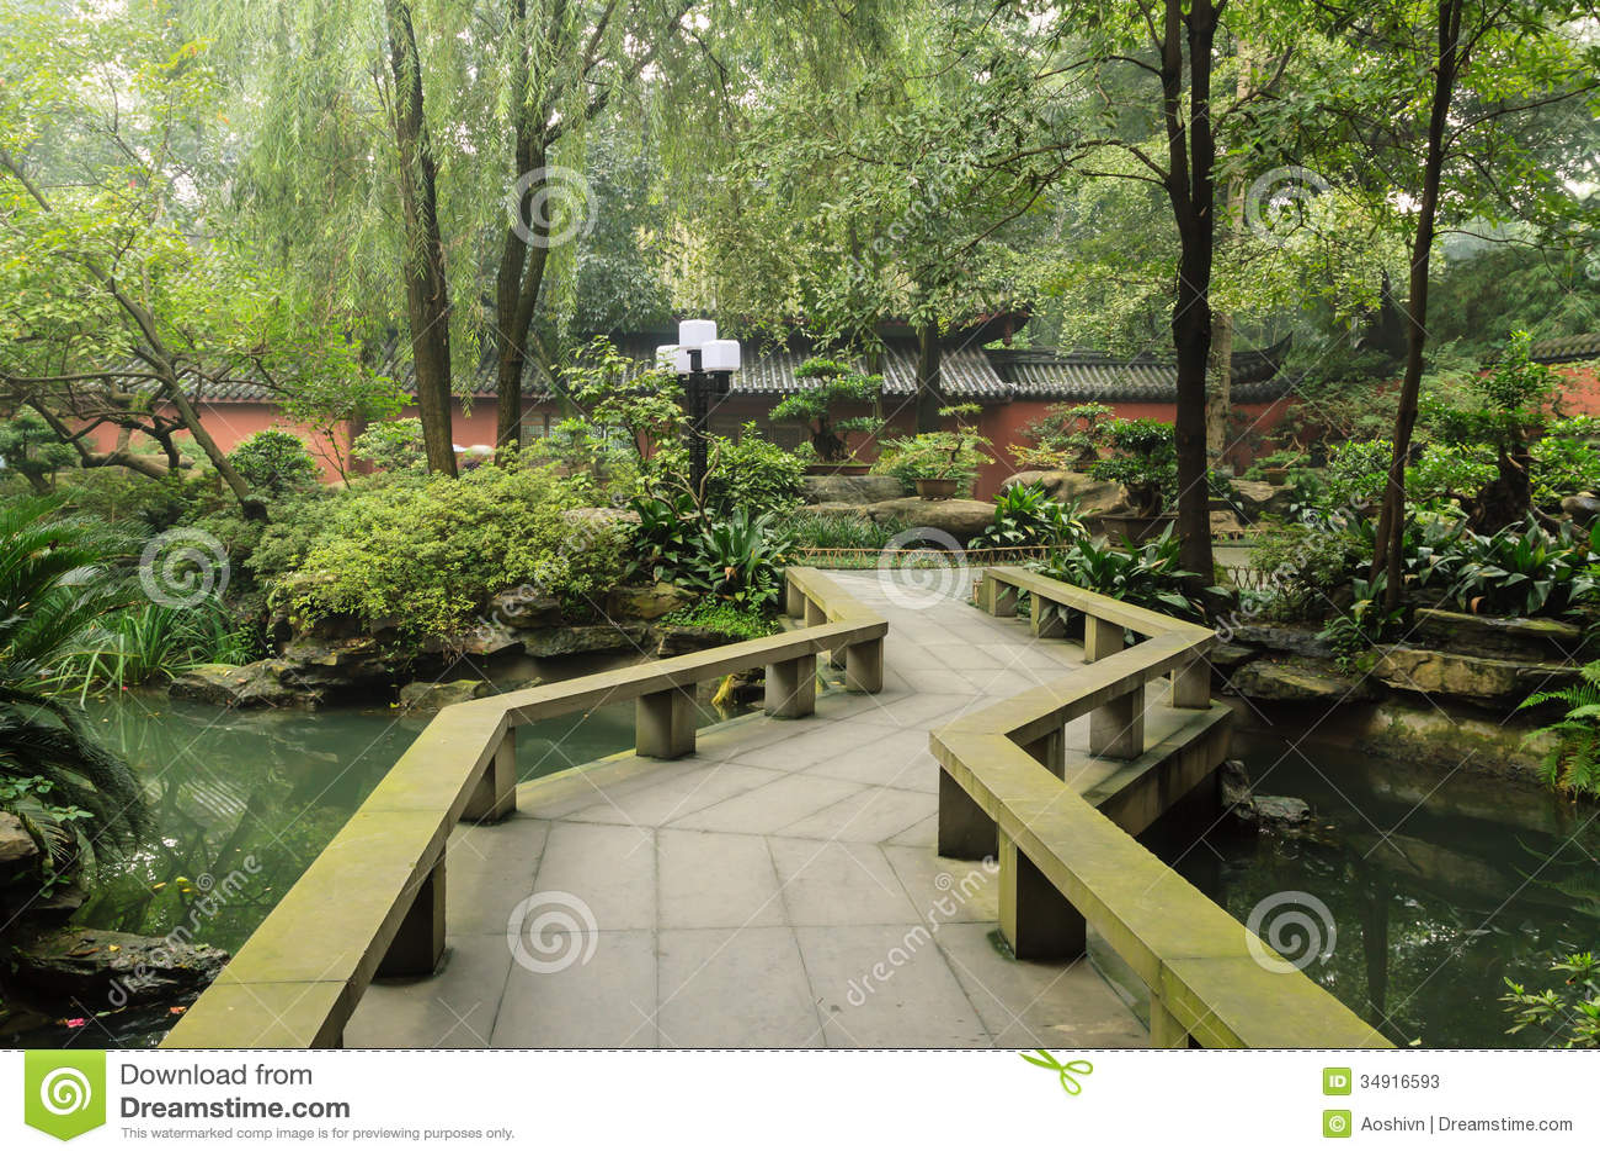 Chinese Garden Stock Photos Image 34916593